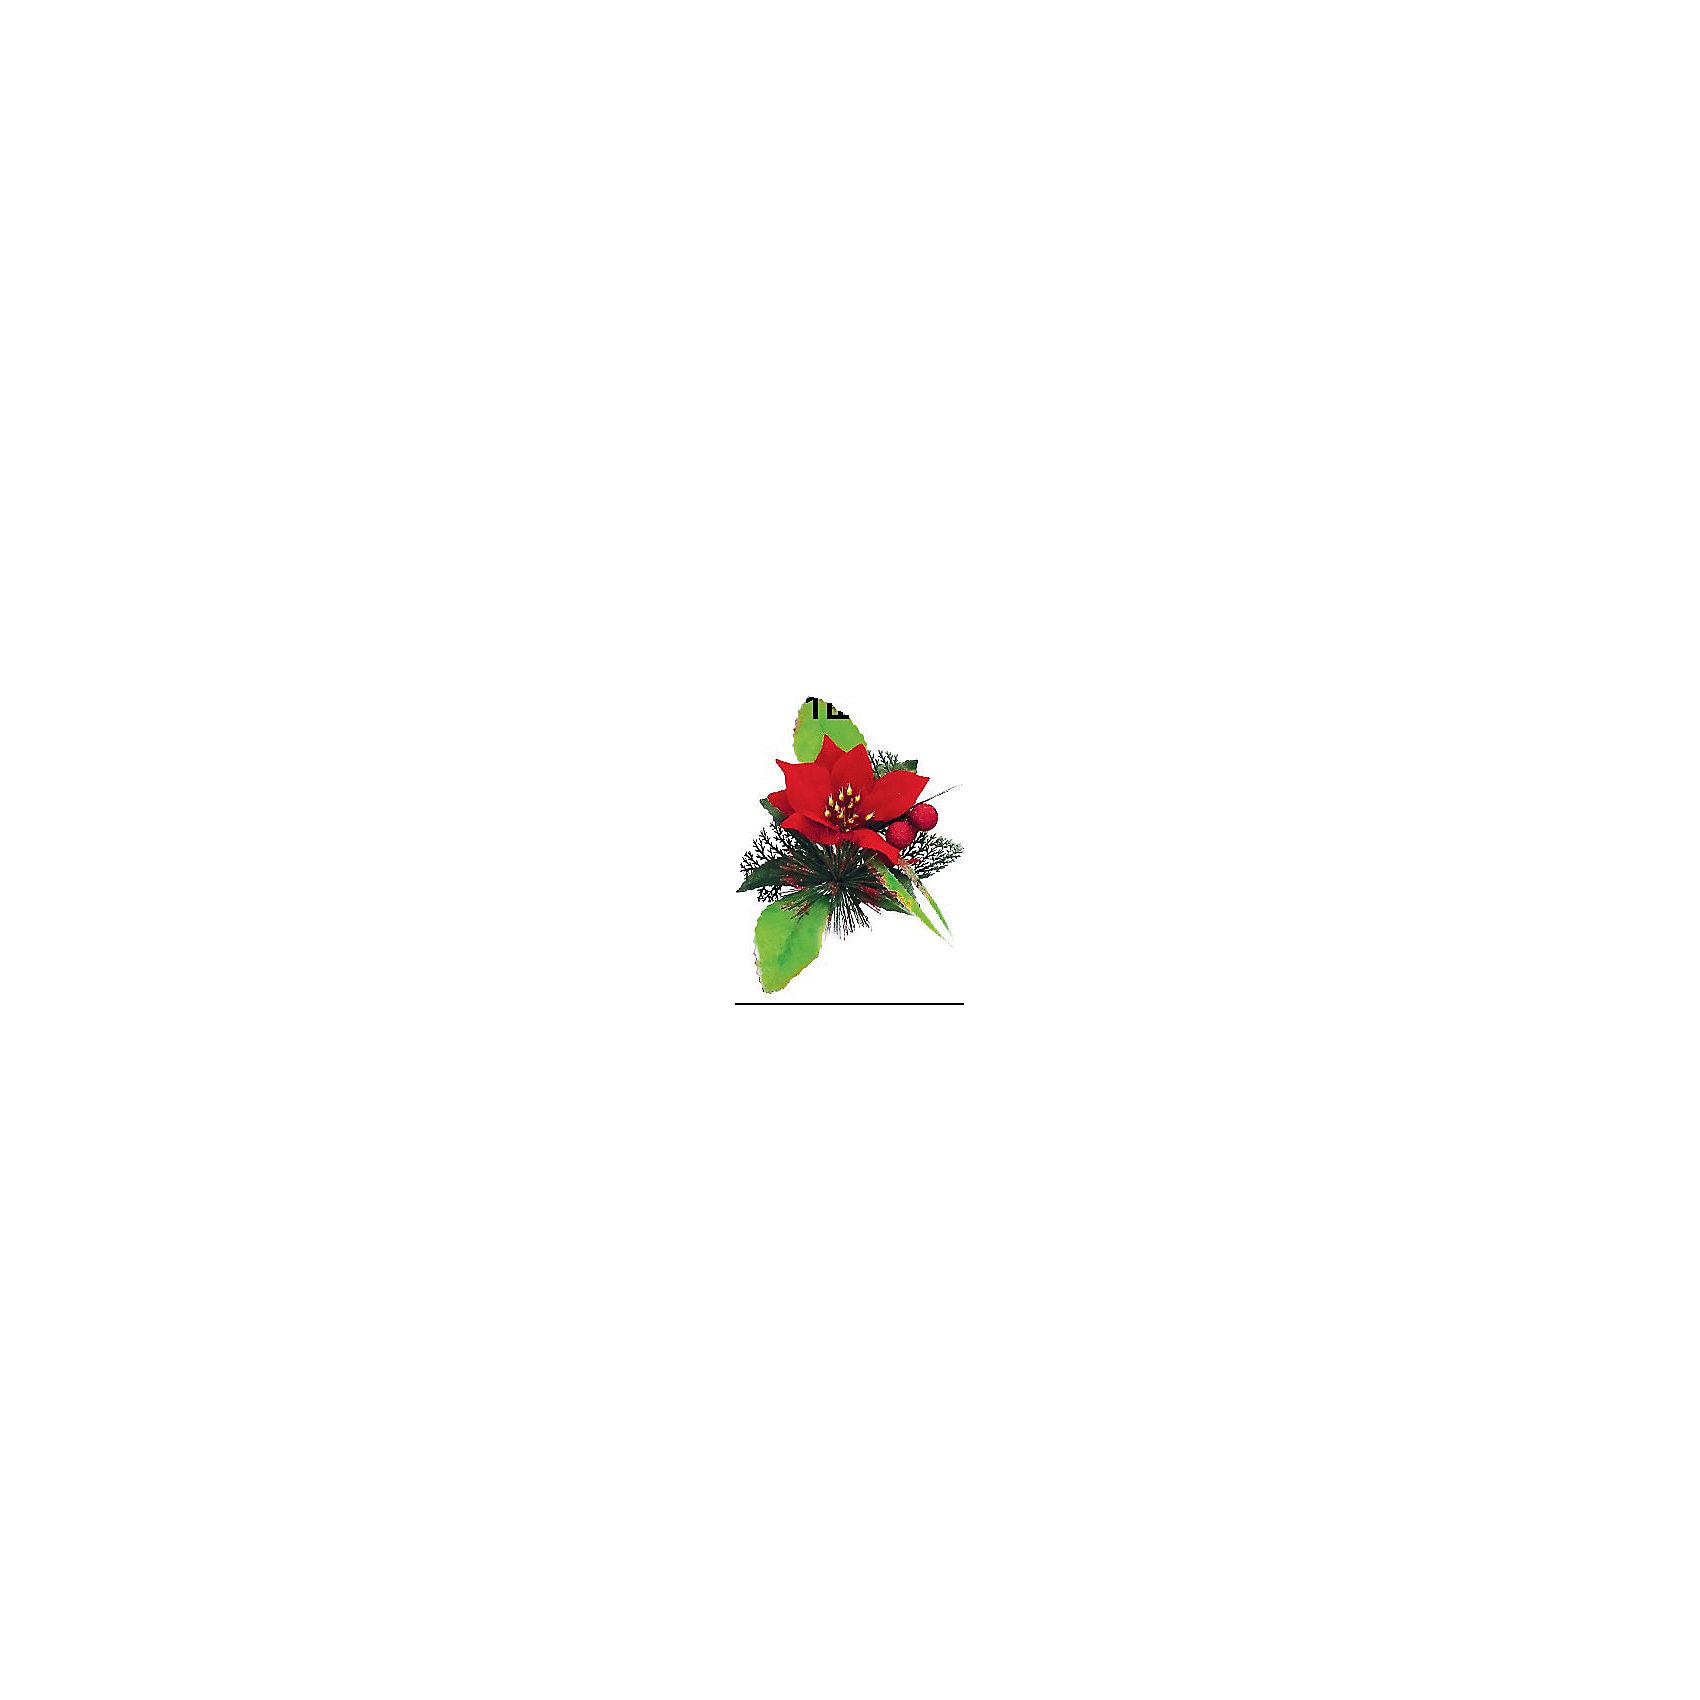 Marko Ferenzo Украшение Веточка 13х19 см, 1шт, красный